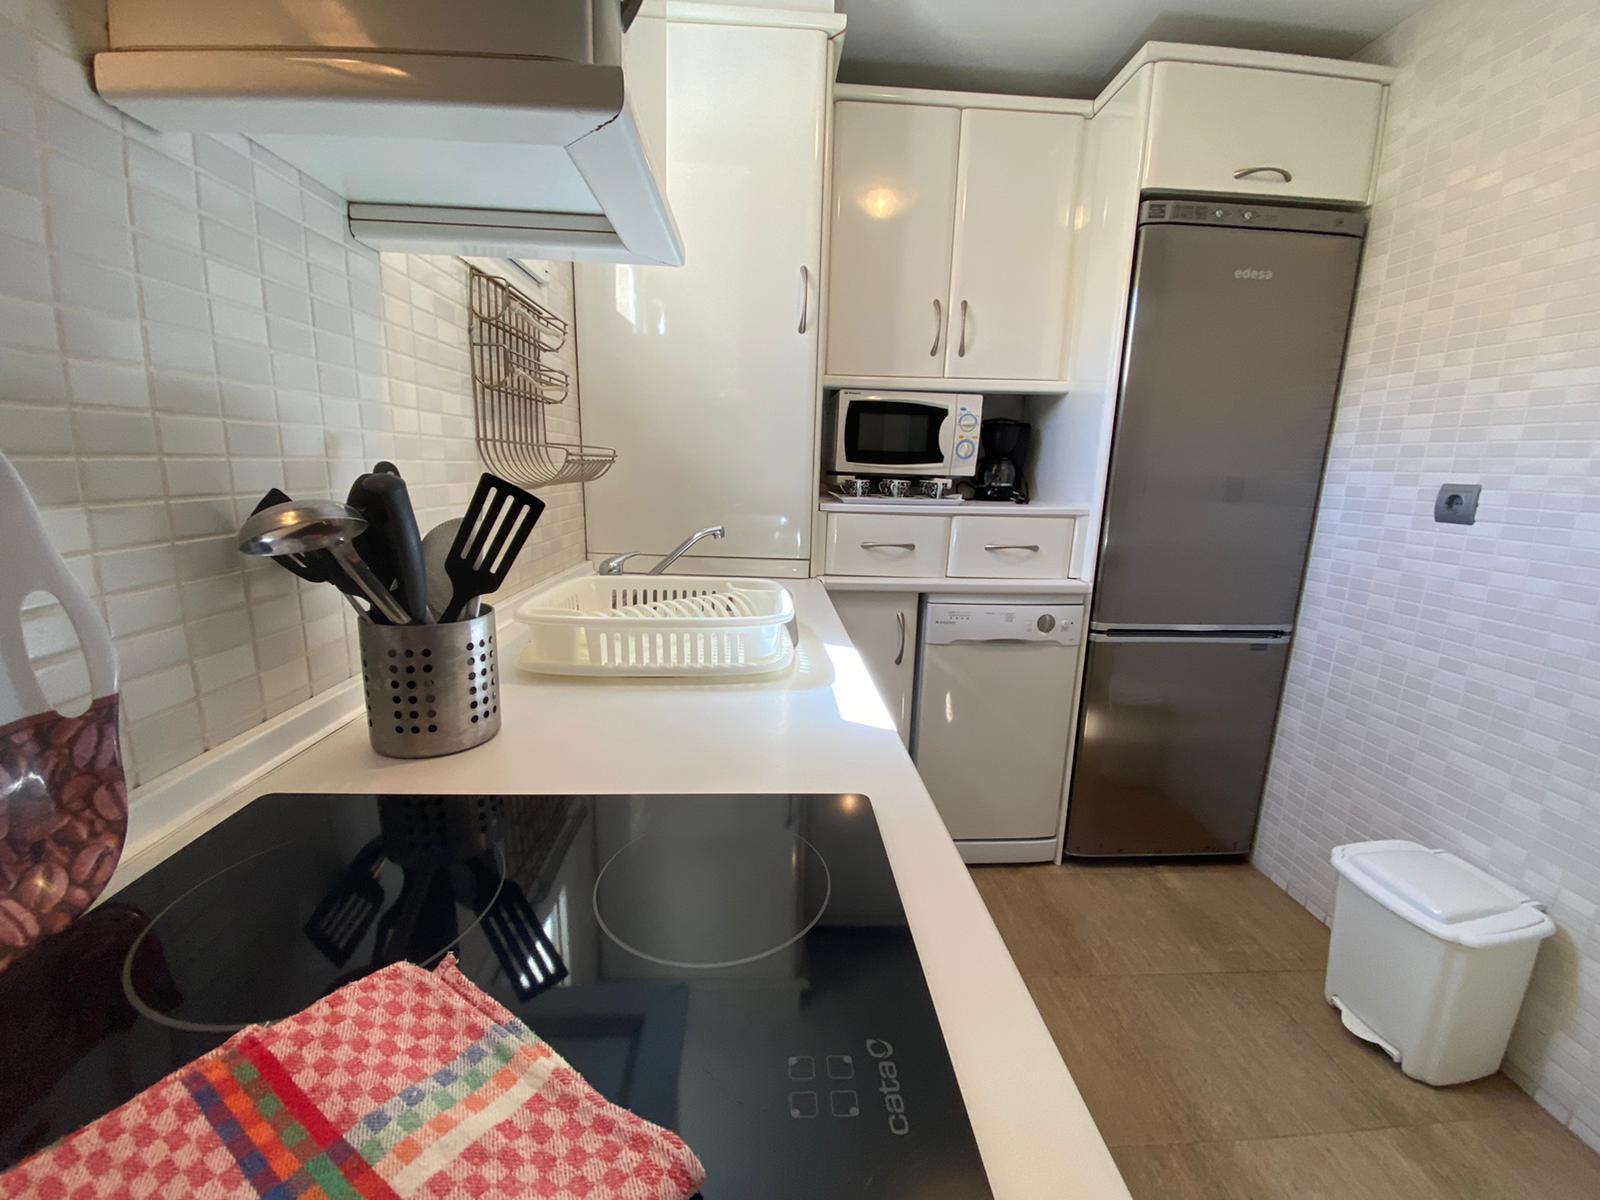 Imagen 38 del Apartamento Turístico, Ático 1 Poniente (3d+2b), Punta del Moral (HUELVA), Paseo de la Cruz nº22